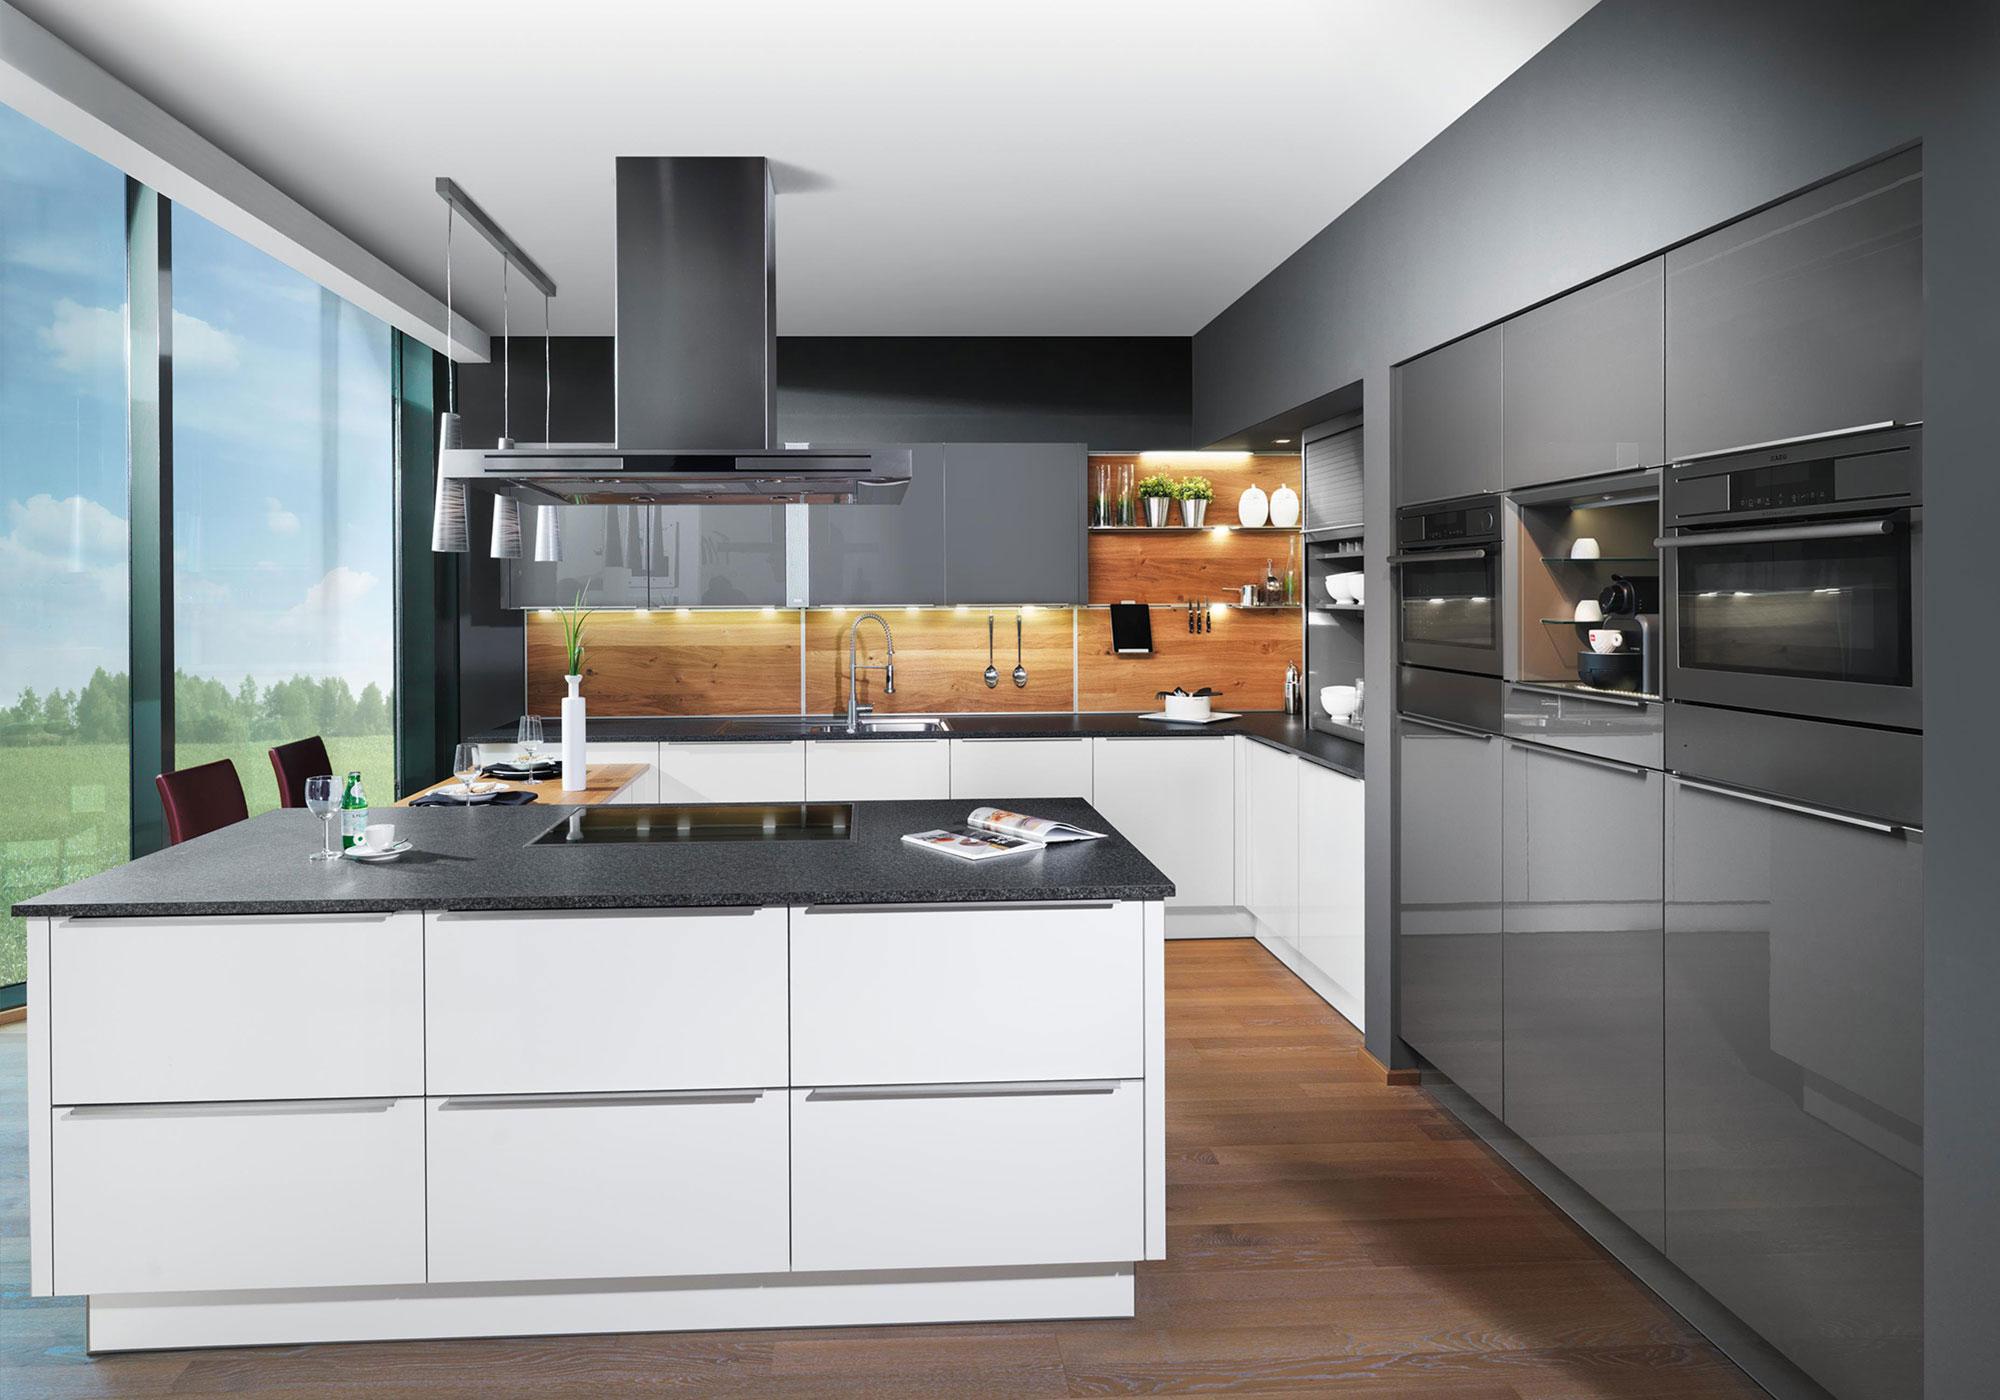 Bilder Für Die Küche küchen kieslinger wohnmanufaktur sigharting